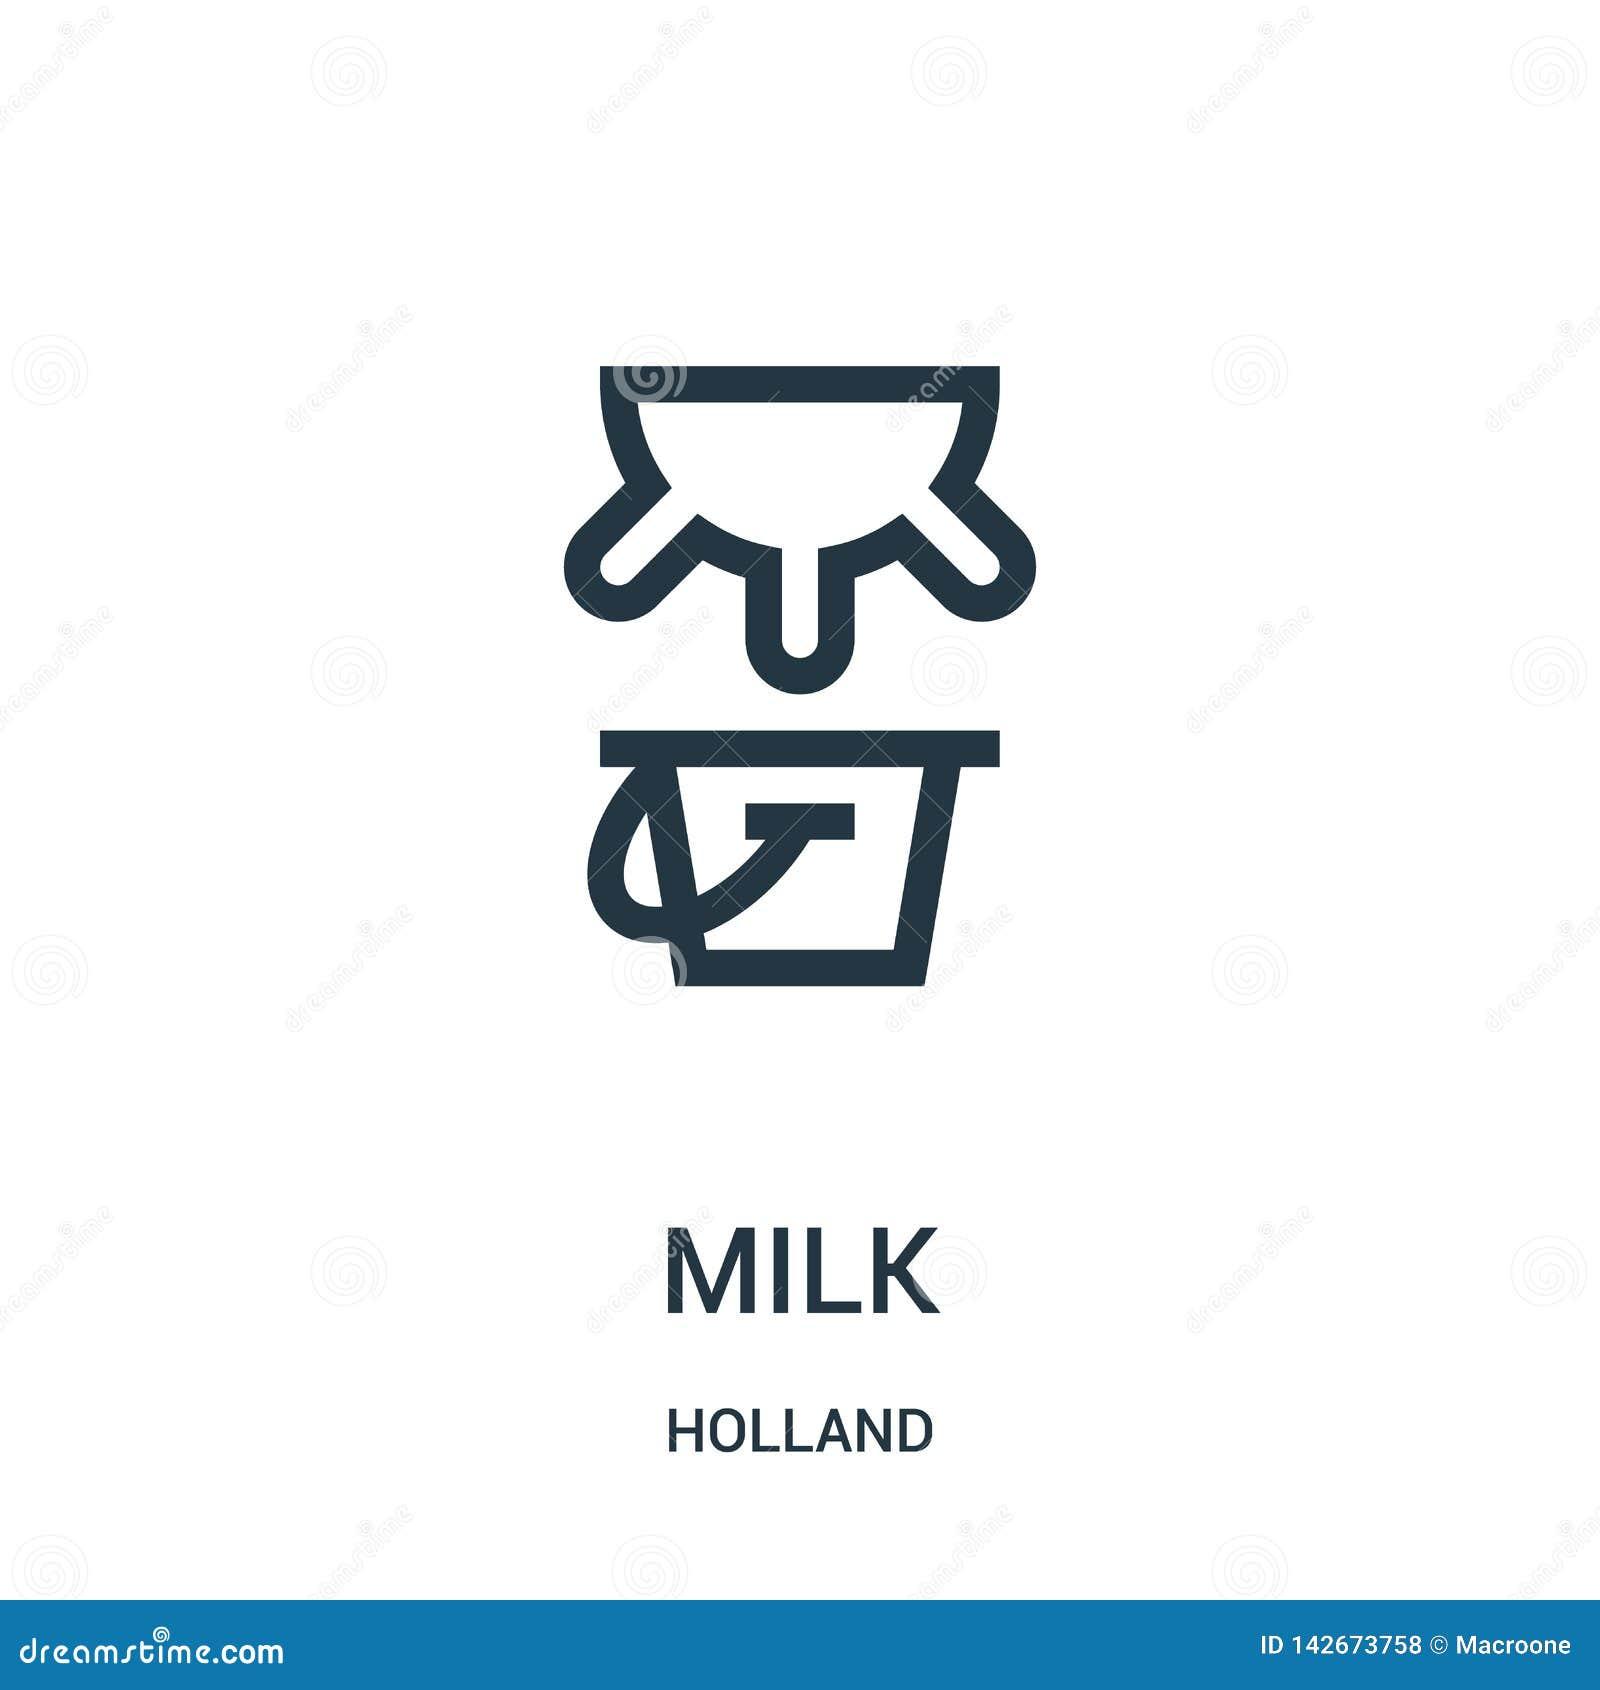 вектор значка молока от собрания Голландии Тонкая линия иллюстрация вектора значка плана молока Линейный символ для пользы на сет